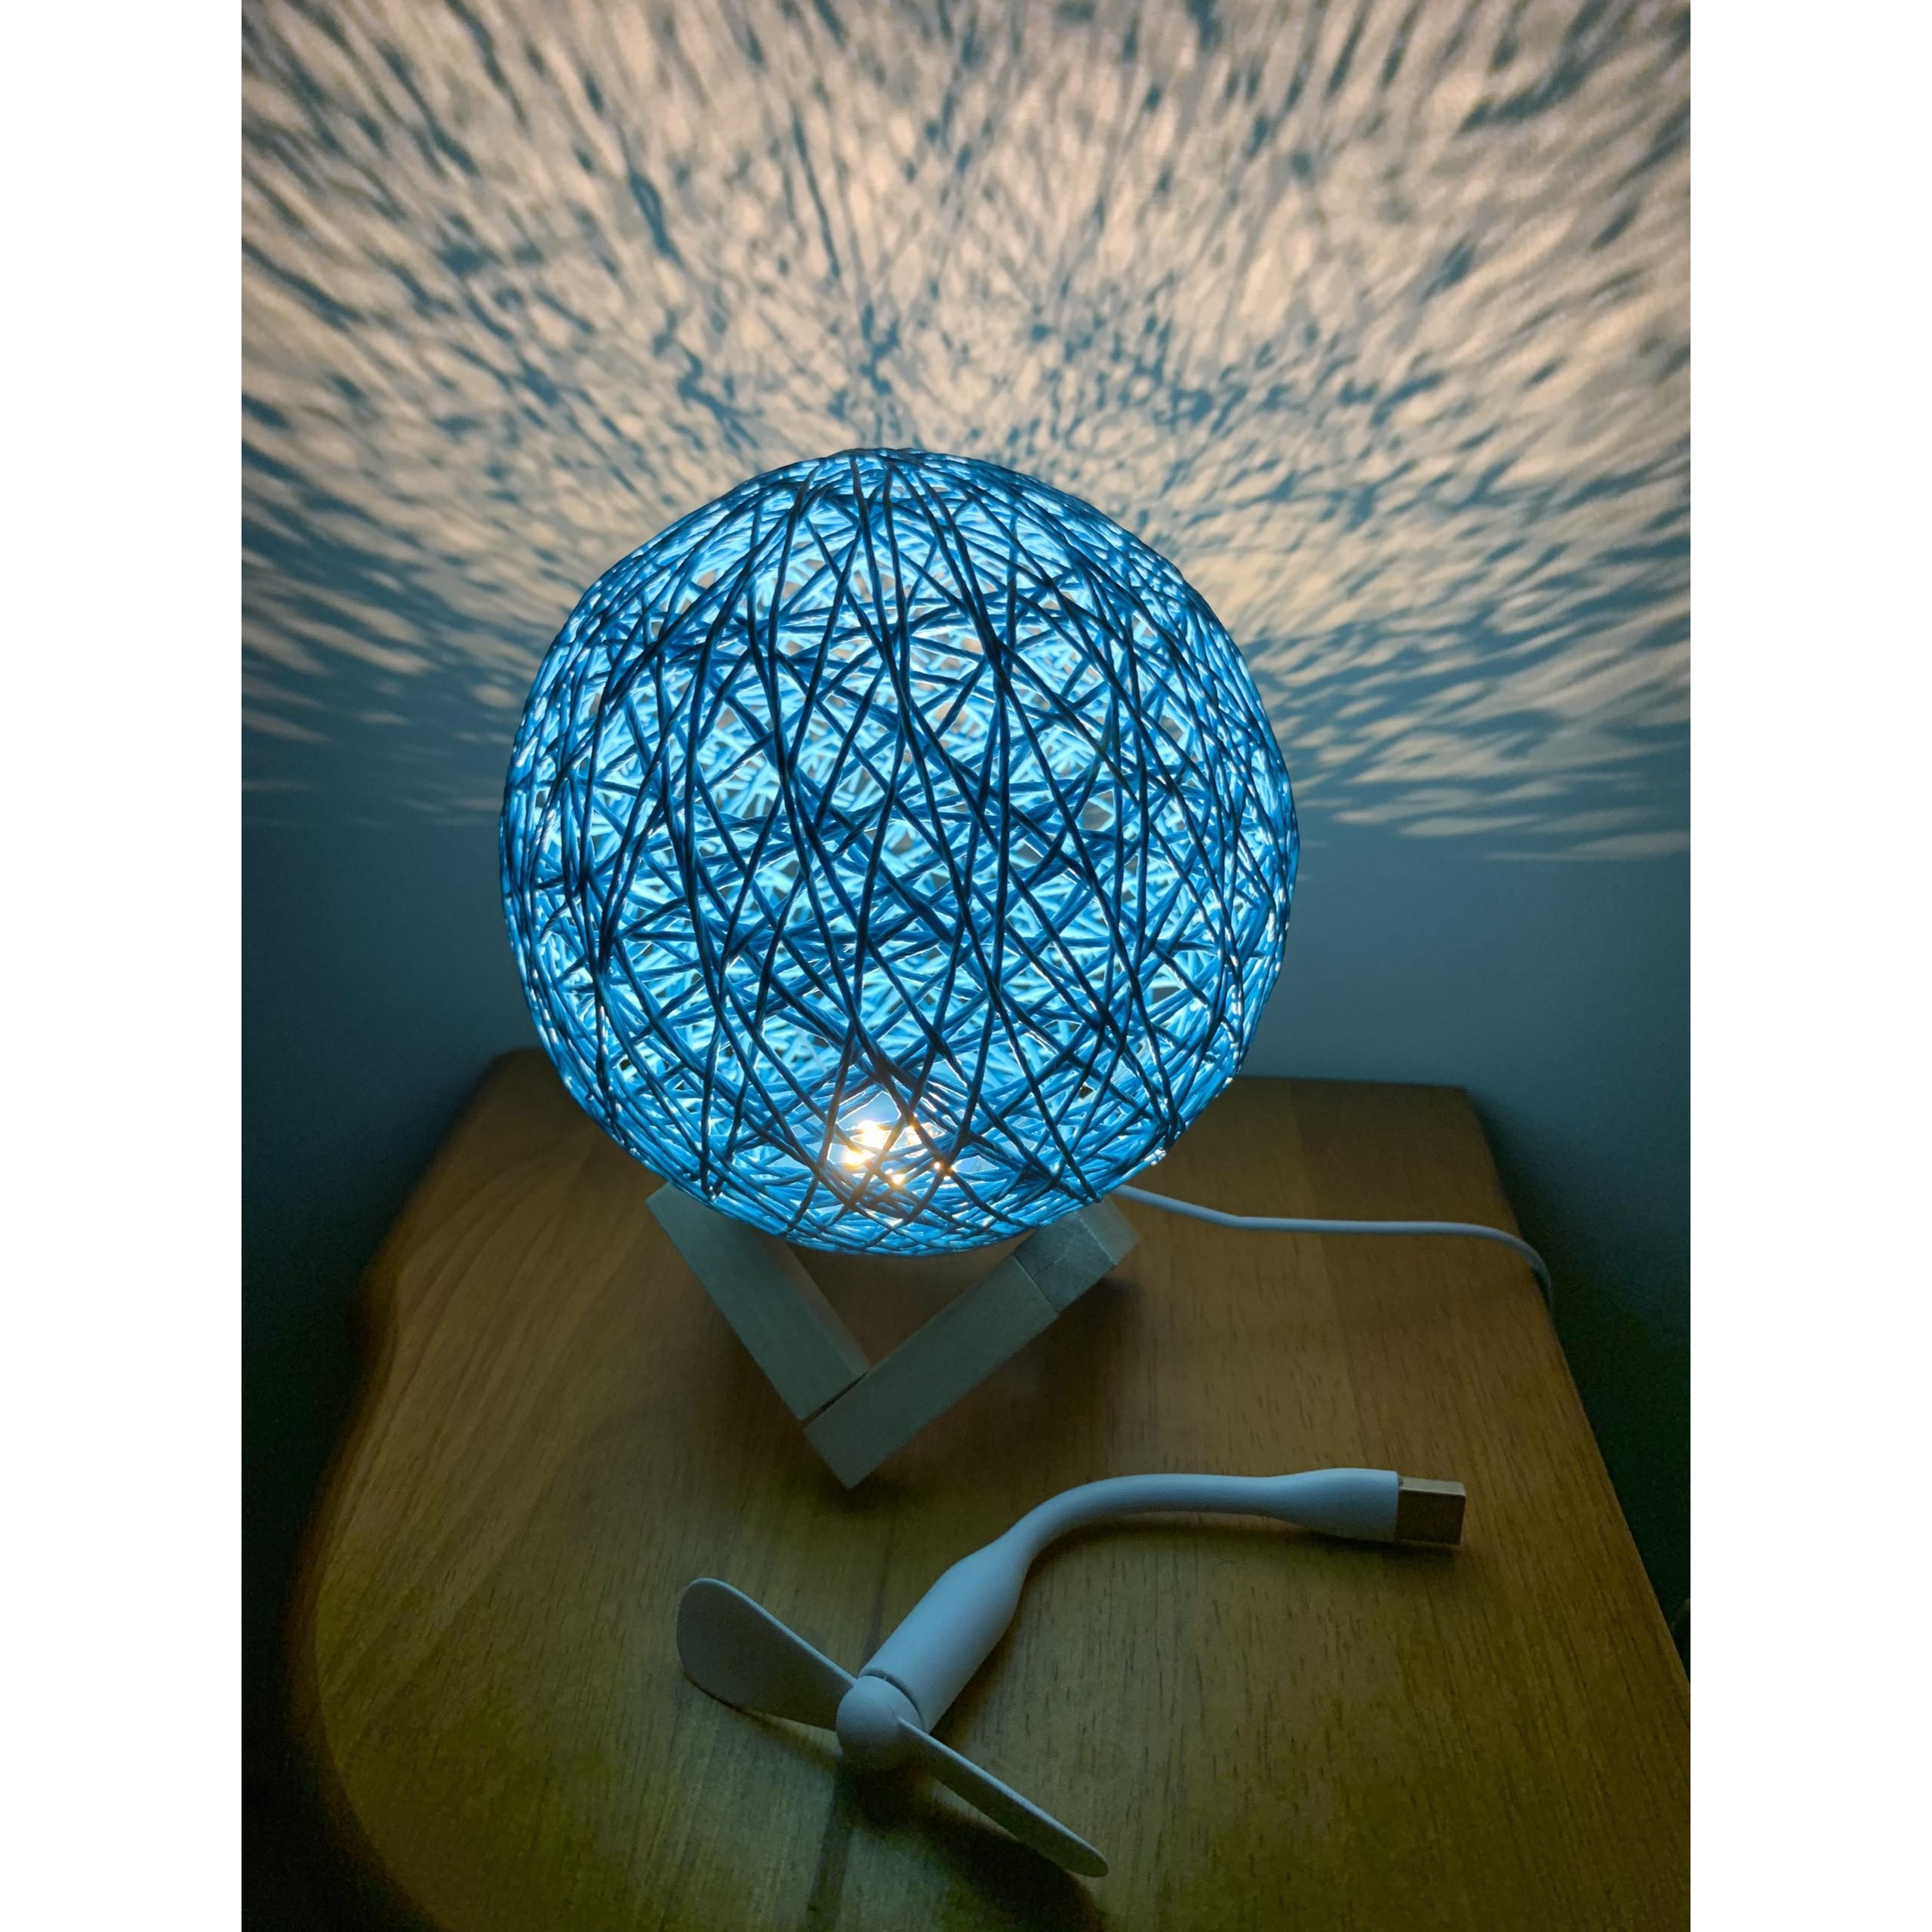 Đèn ngủ, đèn để bàn quả cầu mây độc lạ- Tặng kèm quạt USB ( quạt màu ngẫu nhiên)